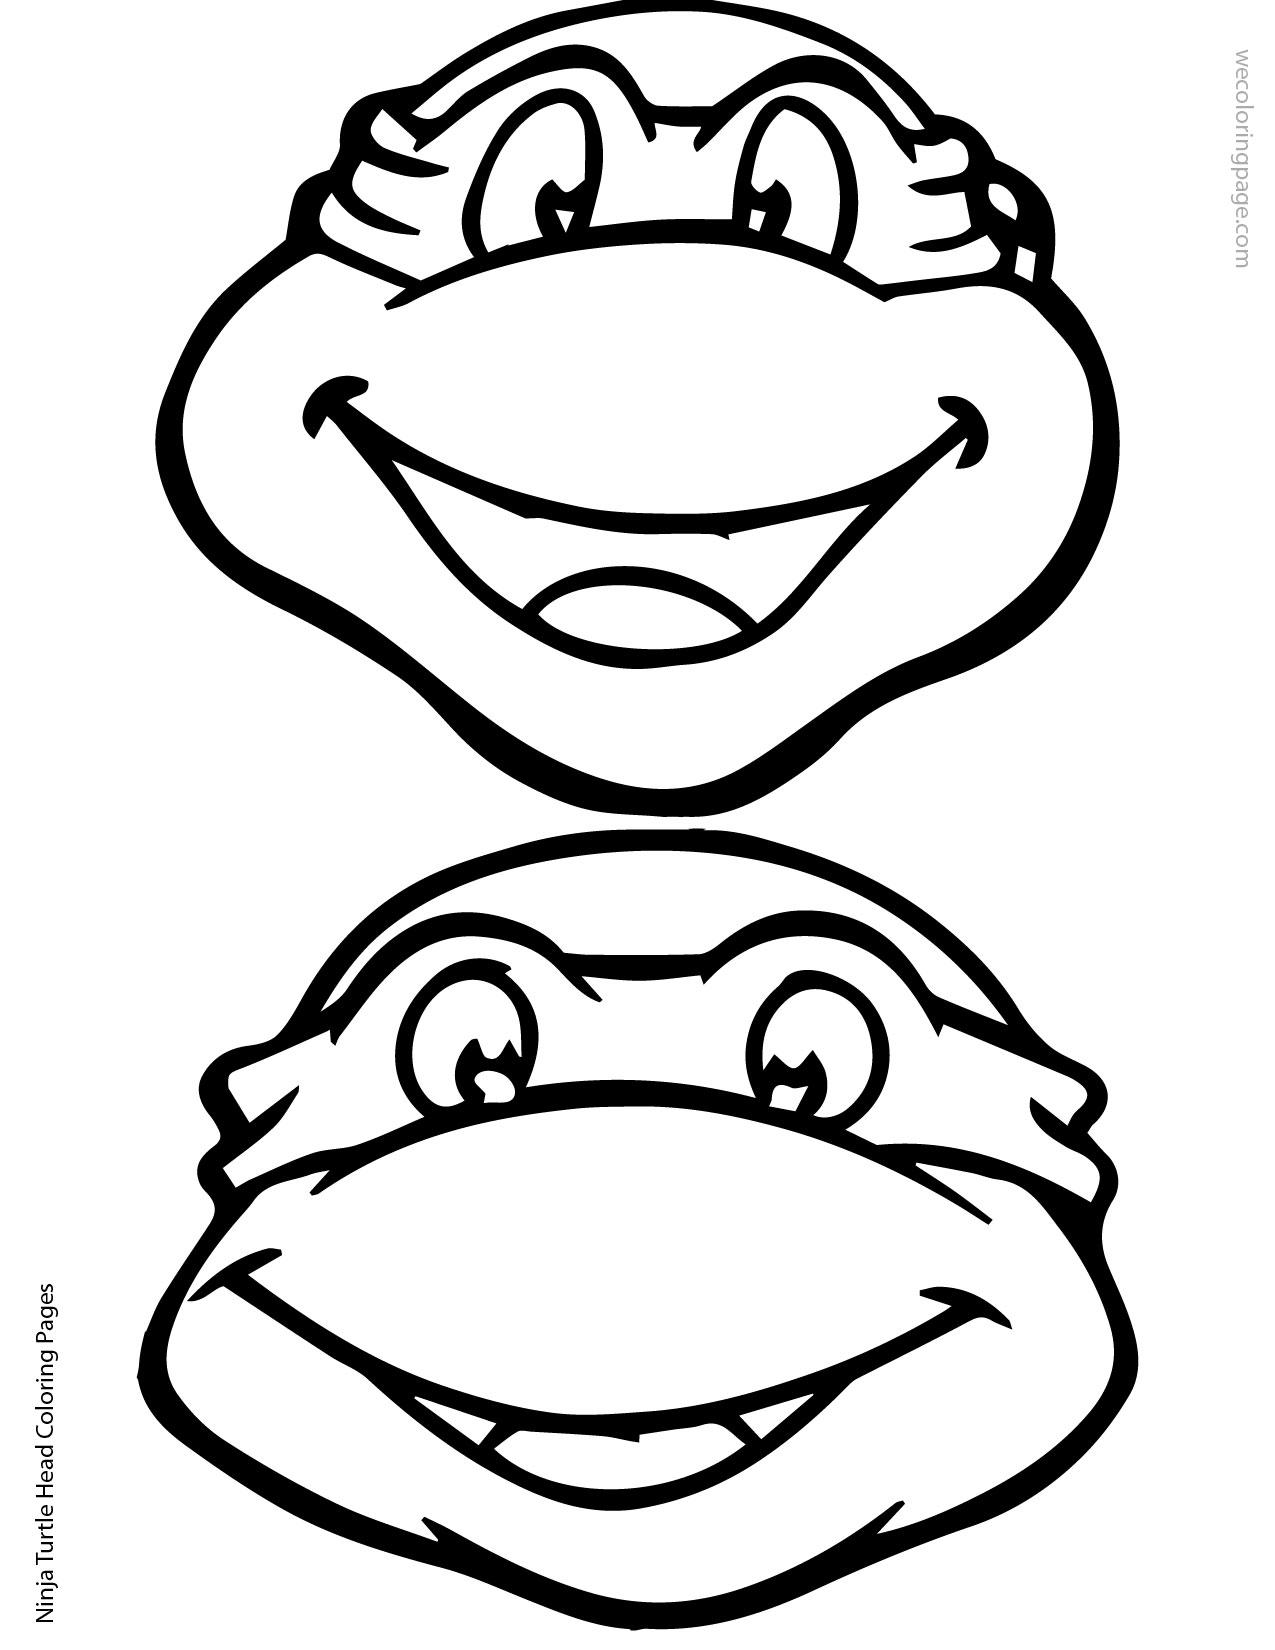 Ninja turtle printable clipart jpg free library Ninja Turtle Head Template - Invitation Templates - ClipArt Best ... jpg free library